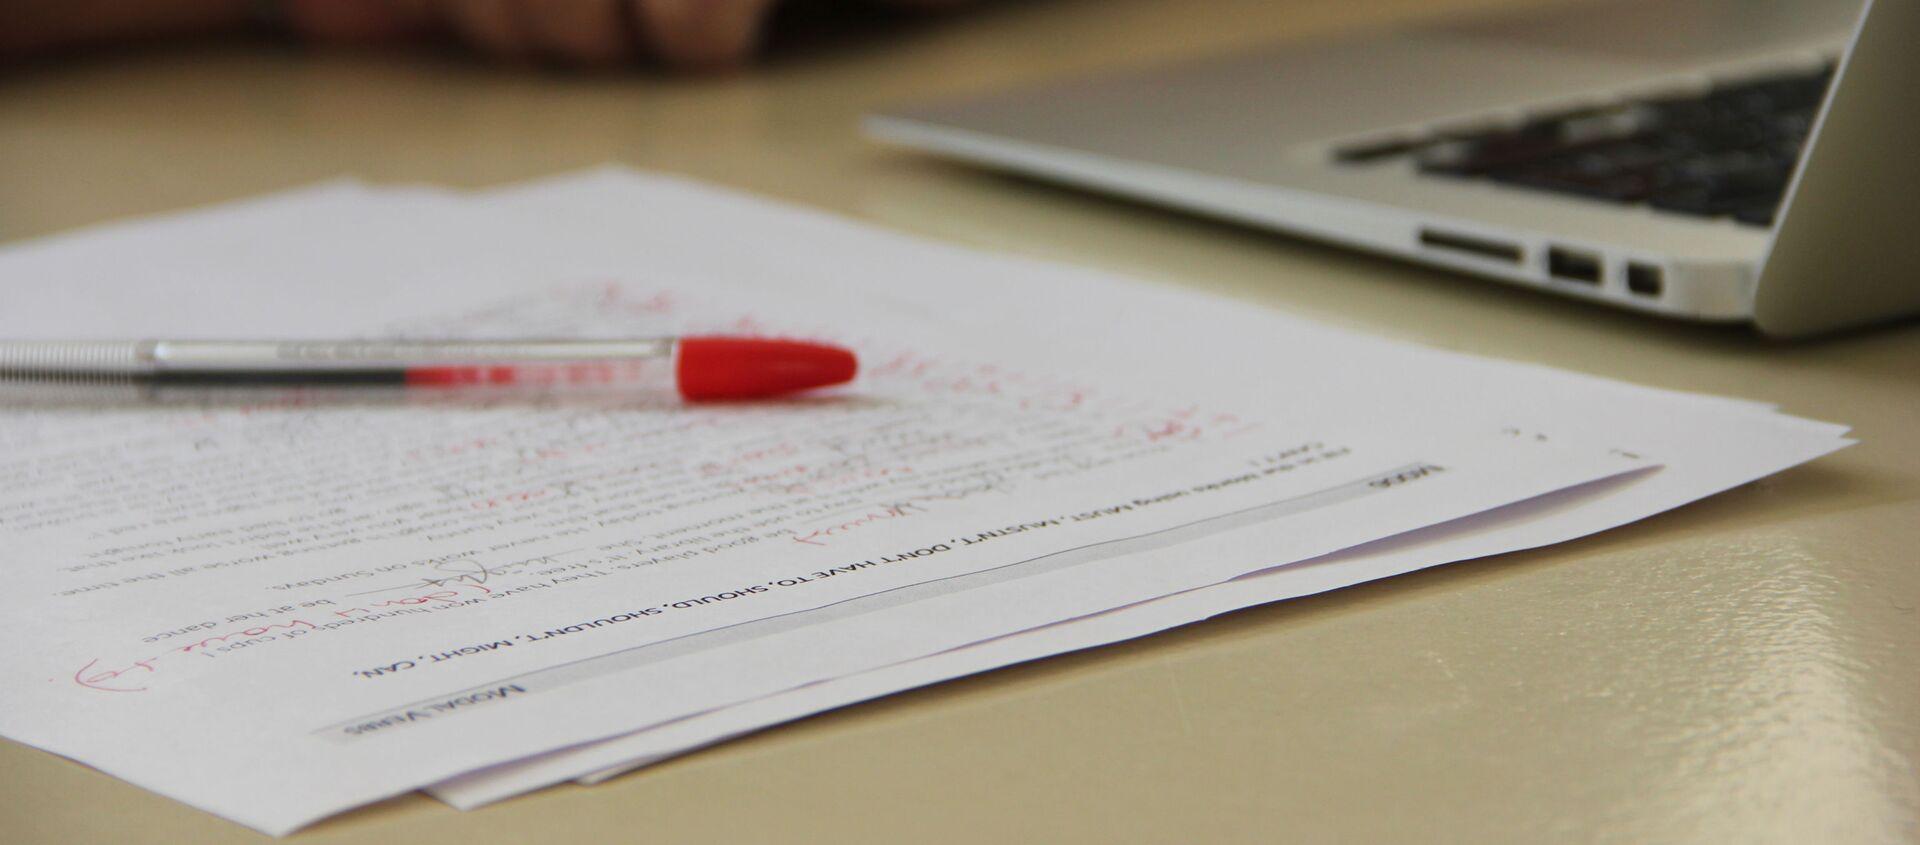 ЦТ и выпускной экзамен – два кардинально отличающихся испытания, готовиться к которым приходится по-разному, констатируют педагоги - Sputnik Беларусь, 1920, 27.01.2021